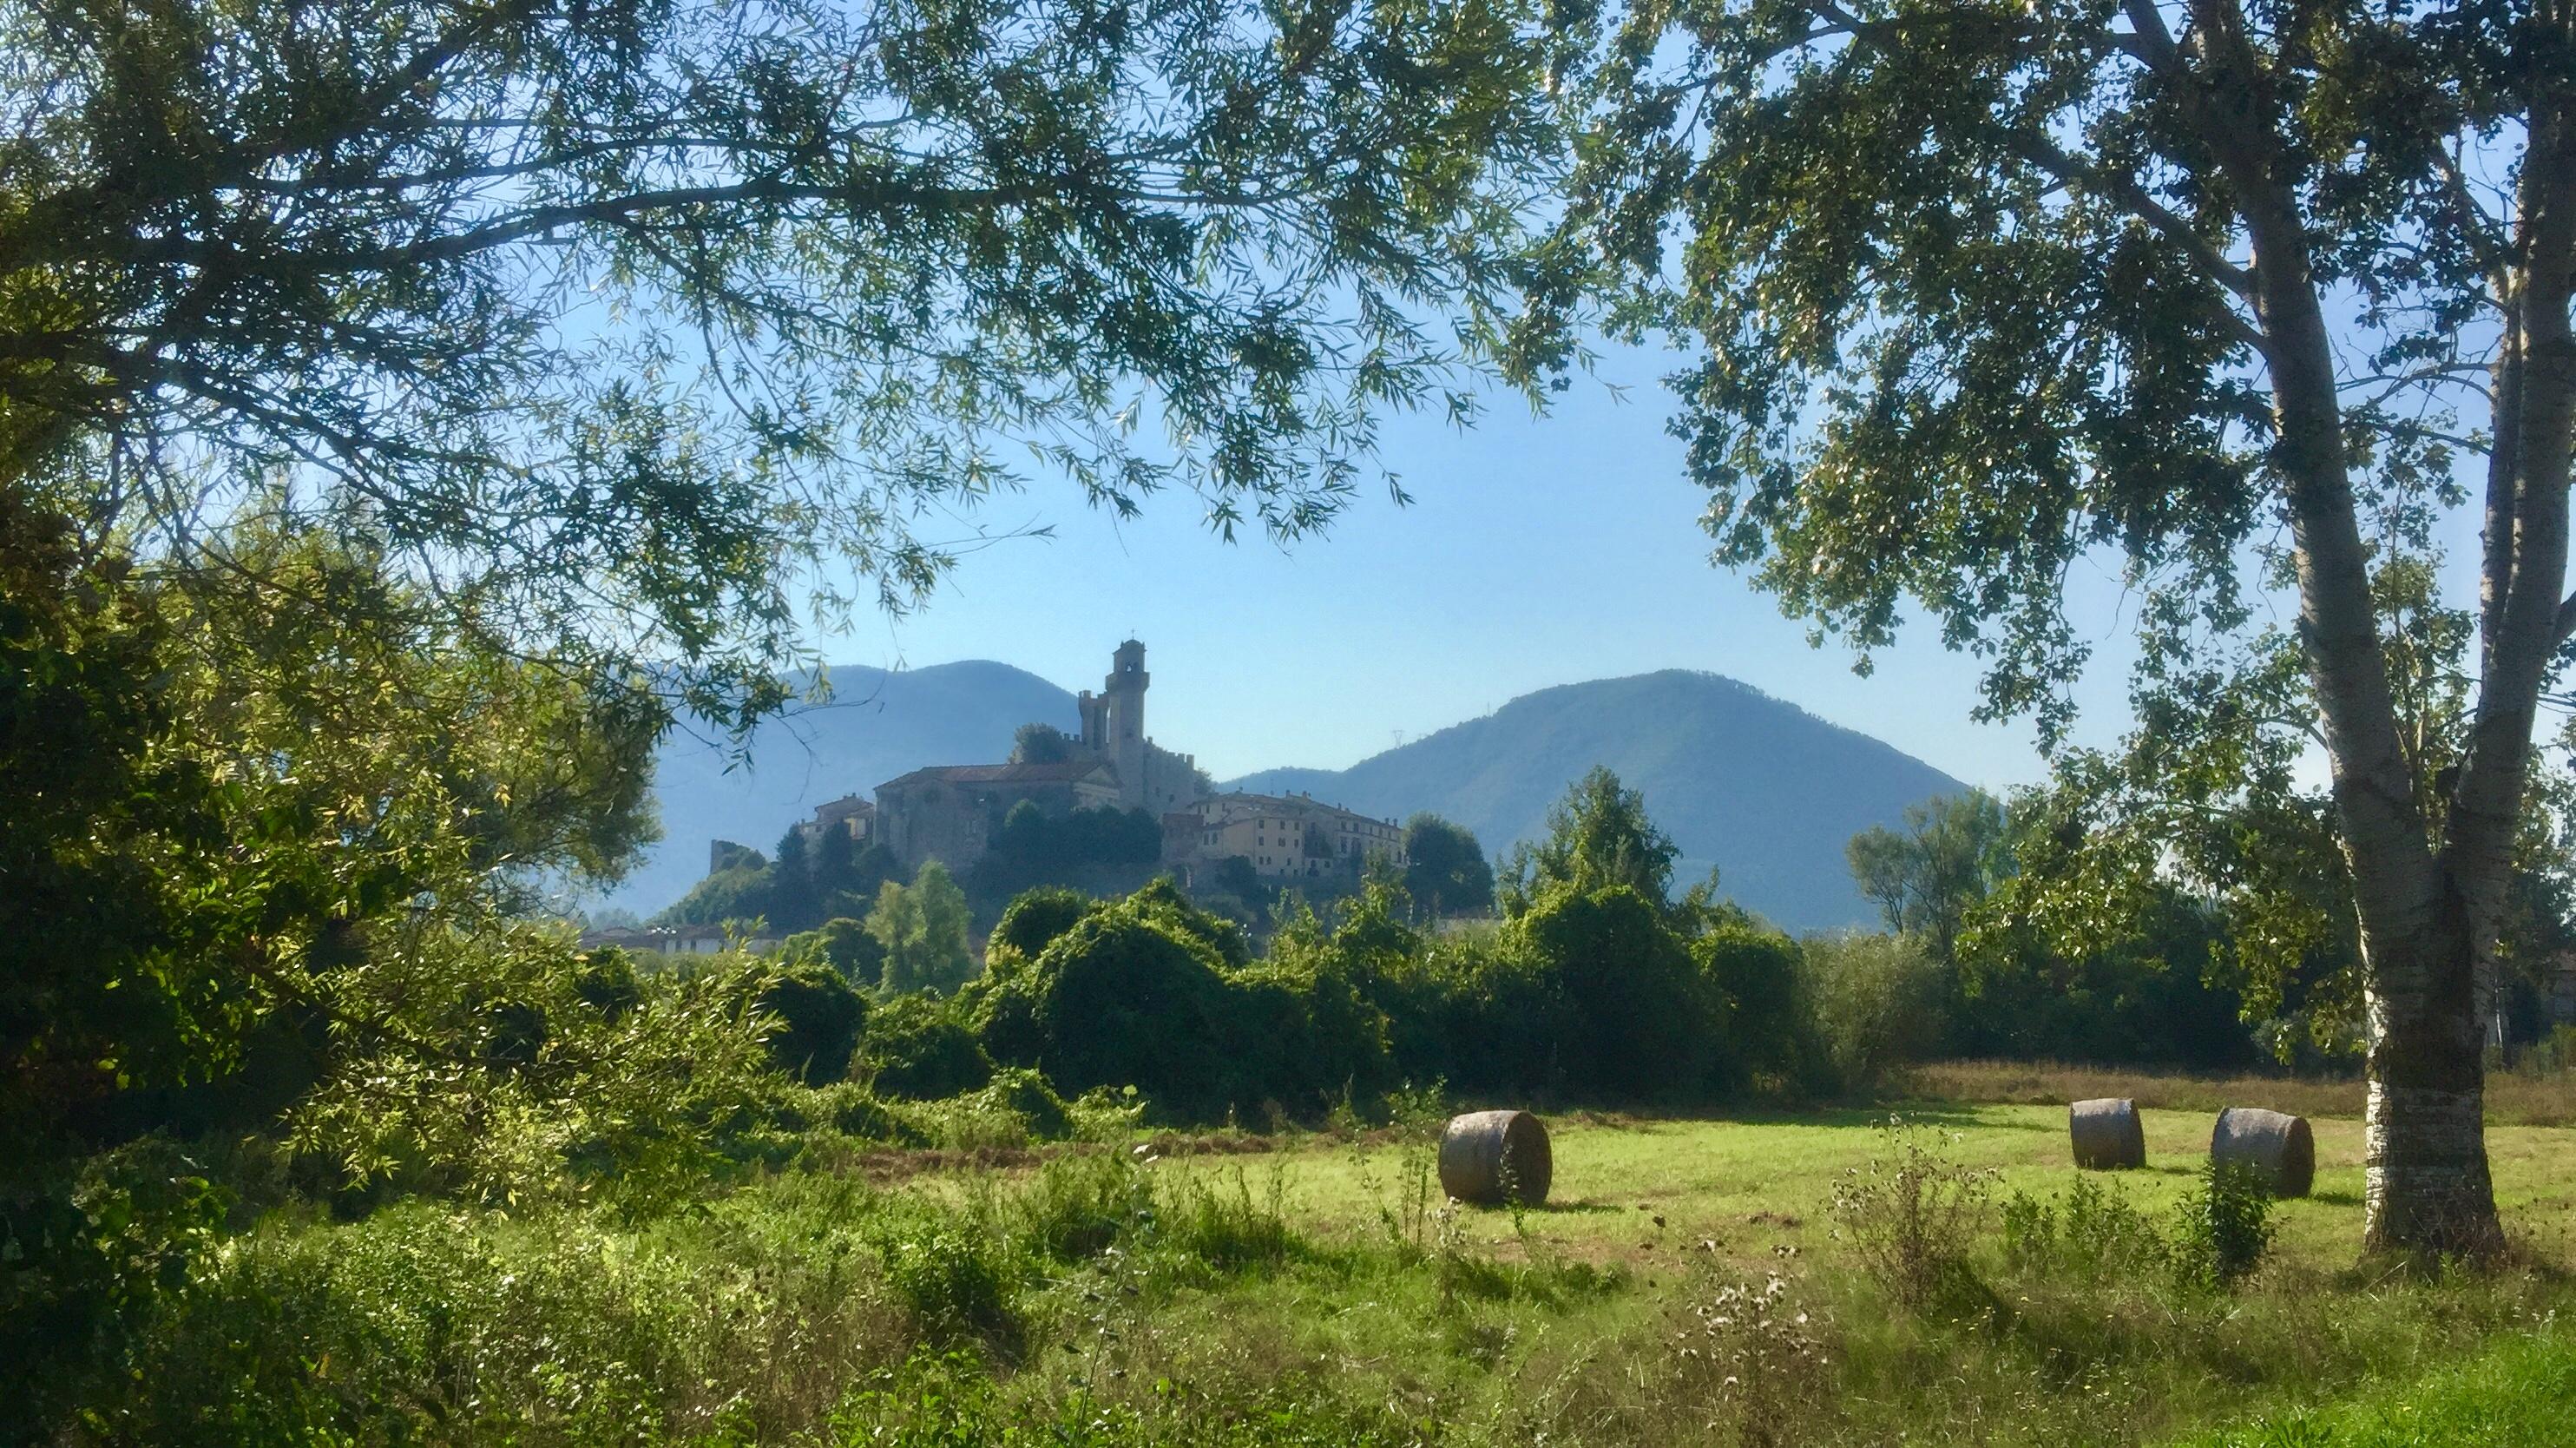 Casa del Podestà a Nozzano Castello, fra Lucca e Pisa Nel cuore di un borgo medievale alle porte di Lucca in posizione panoramica vendisi mansarda semiristrutturata in un edificio storico.